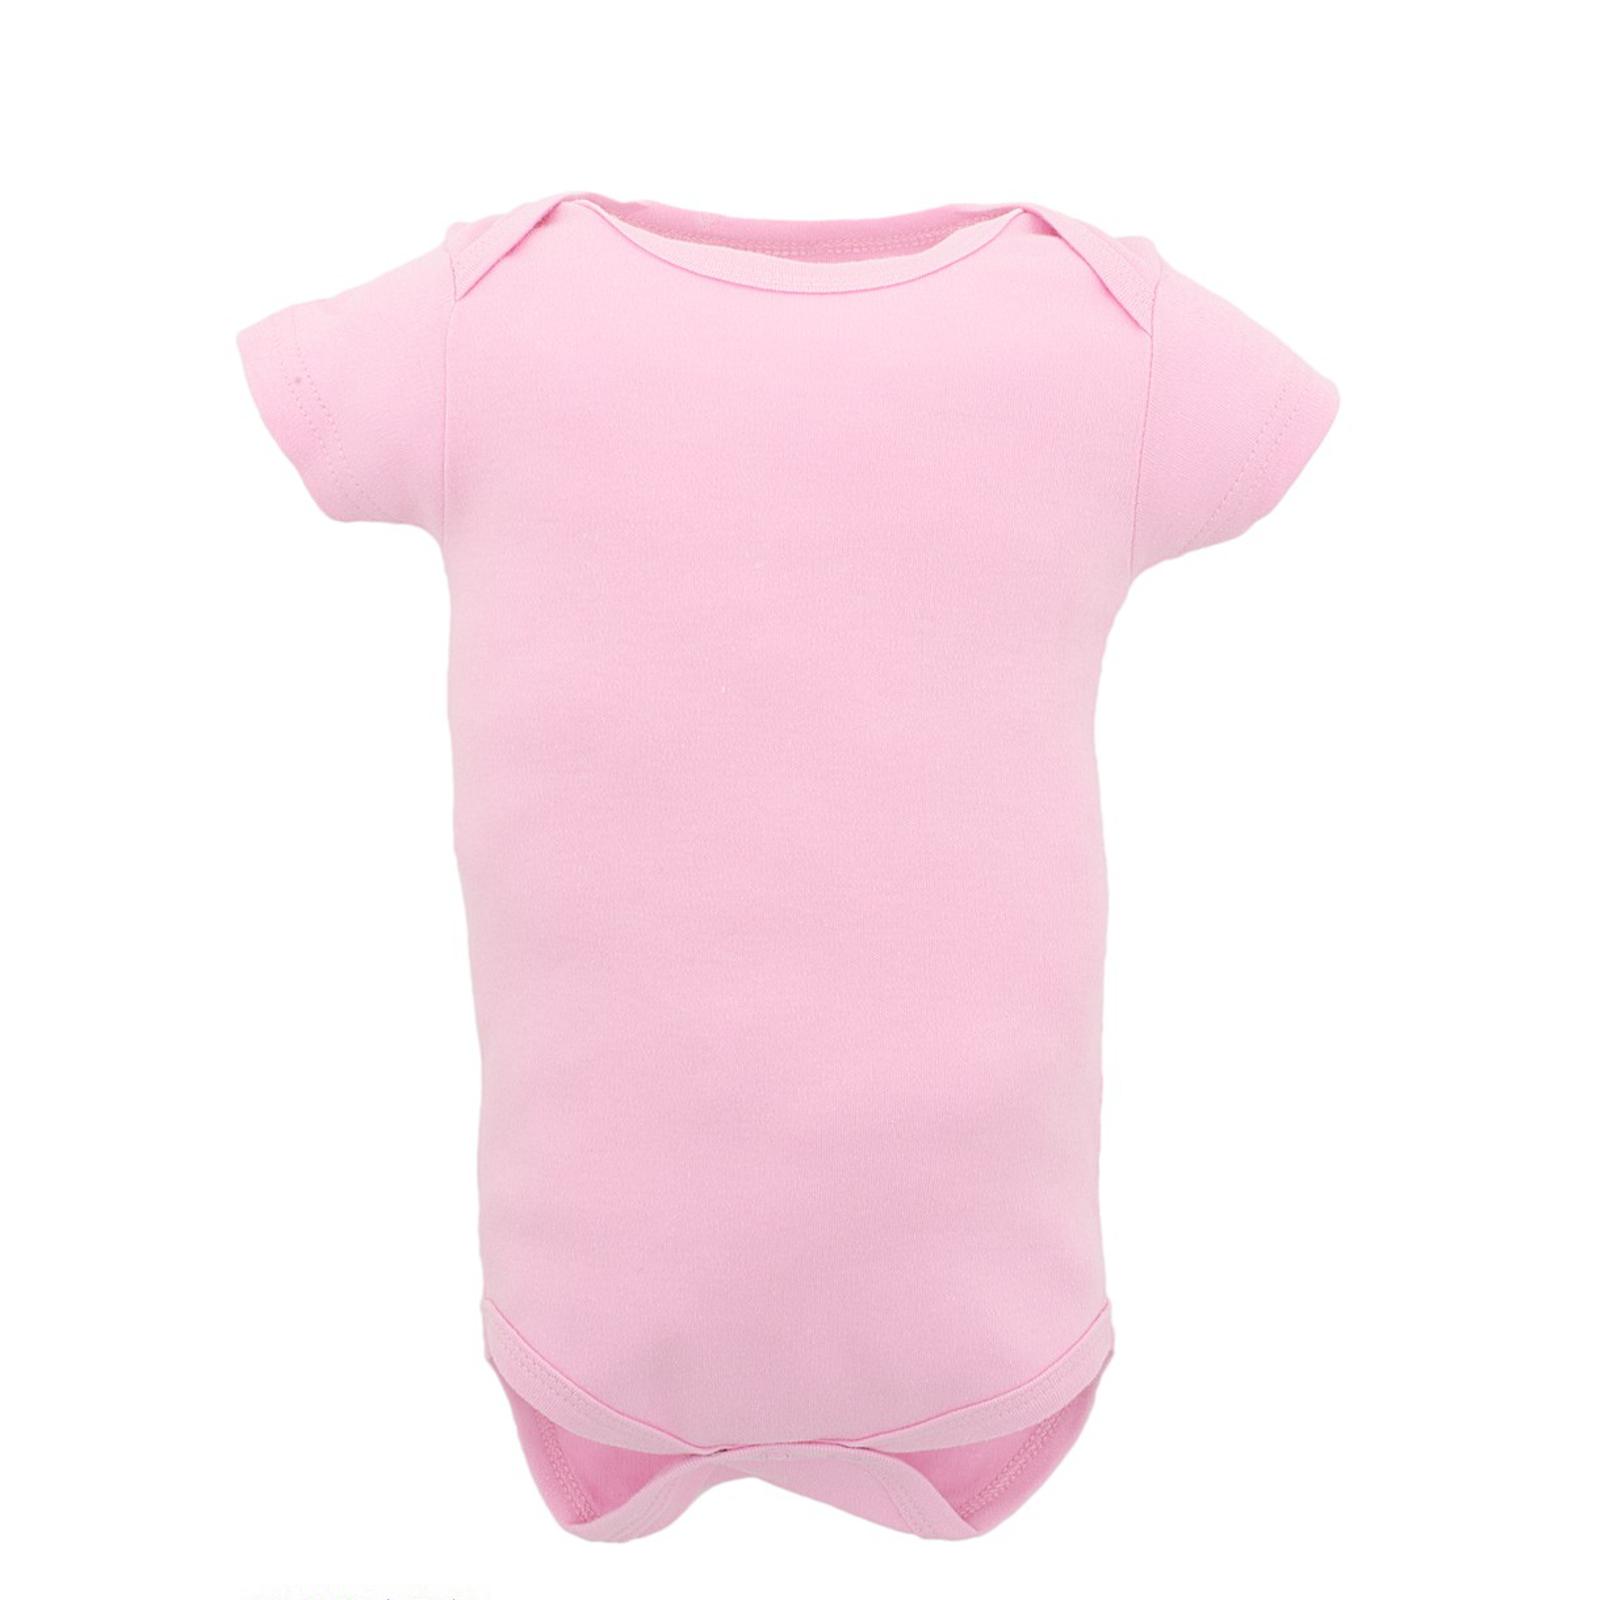 """Боди Luvable Friends Лавбл Фрэндс """"Семья"""" для девочки короткий рукав 1шт., цвет розовый 6-9 мес. (67-72 см)"""